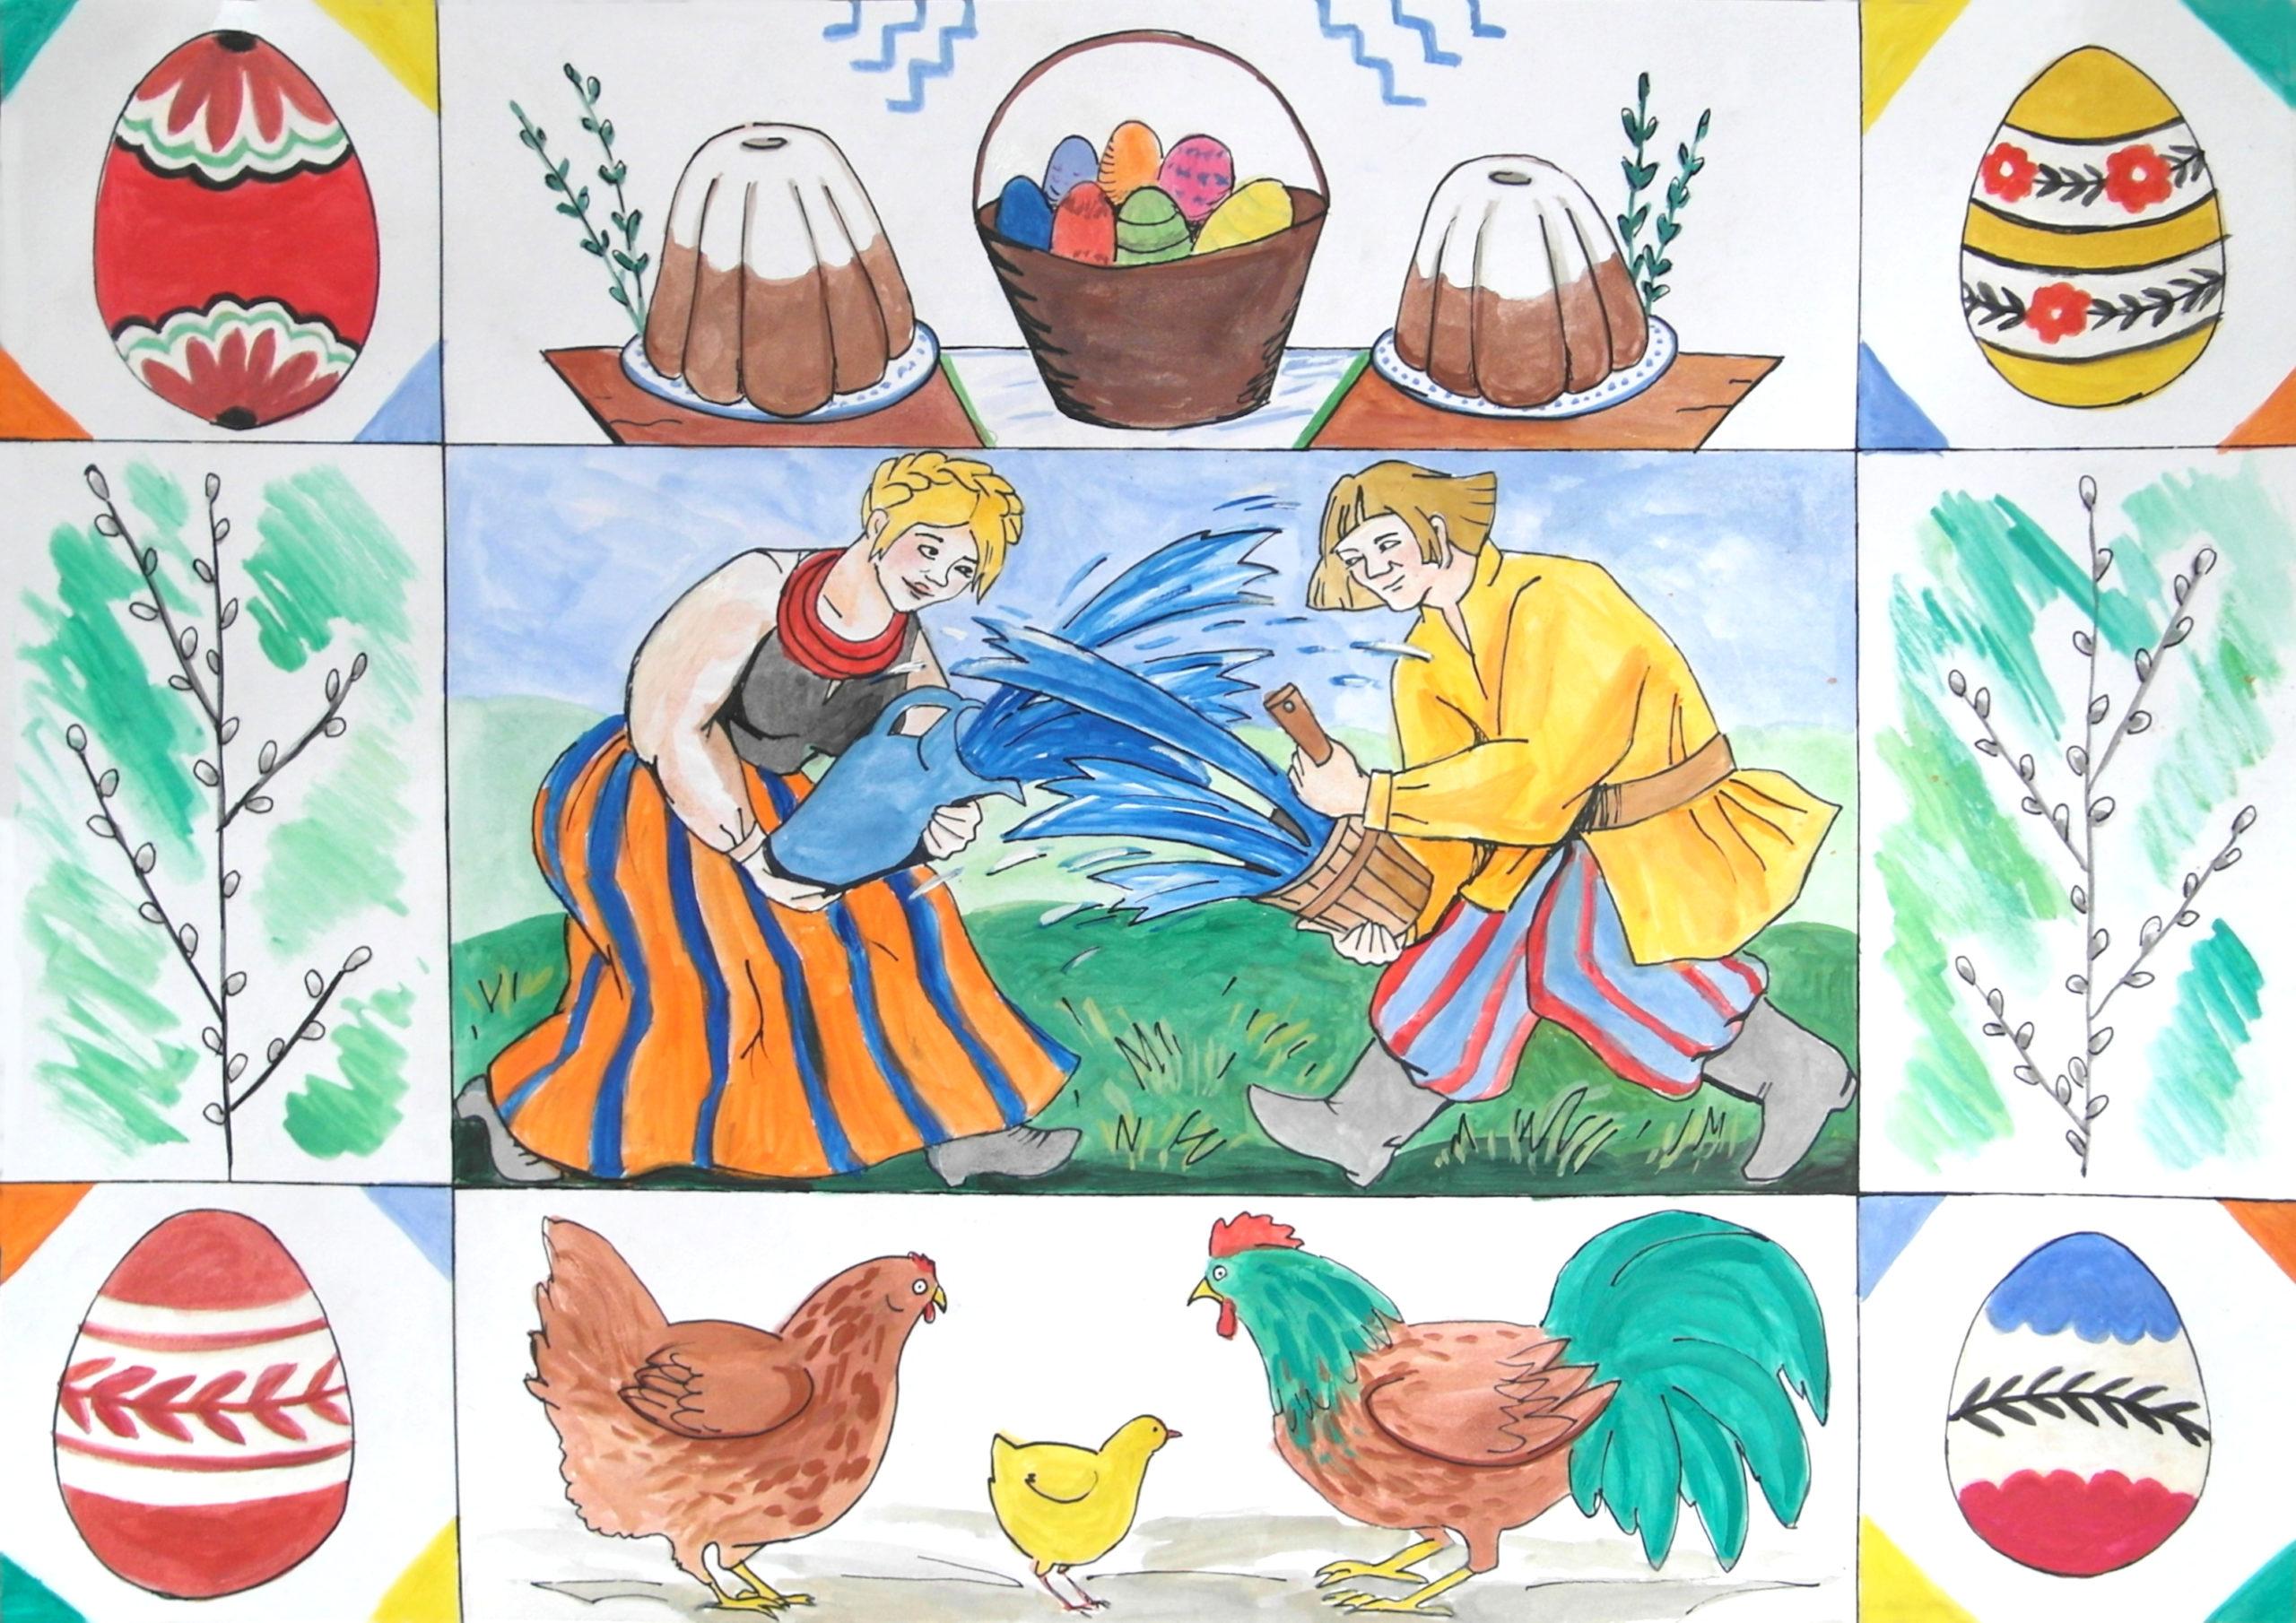 Malowany obrazek - wielkanocne symbole i para oblewająca się wodą.